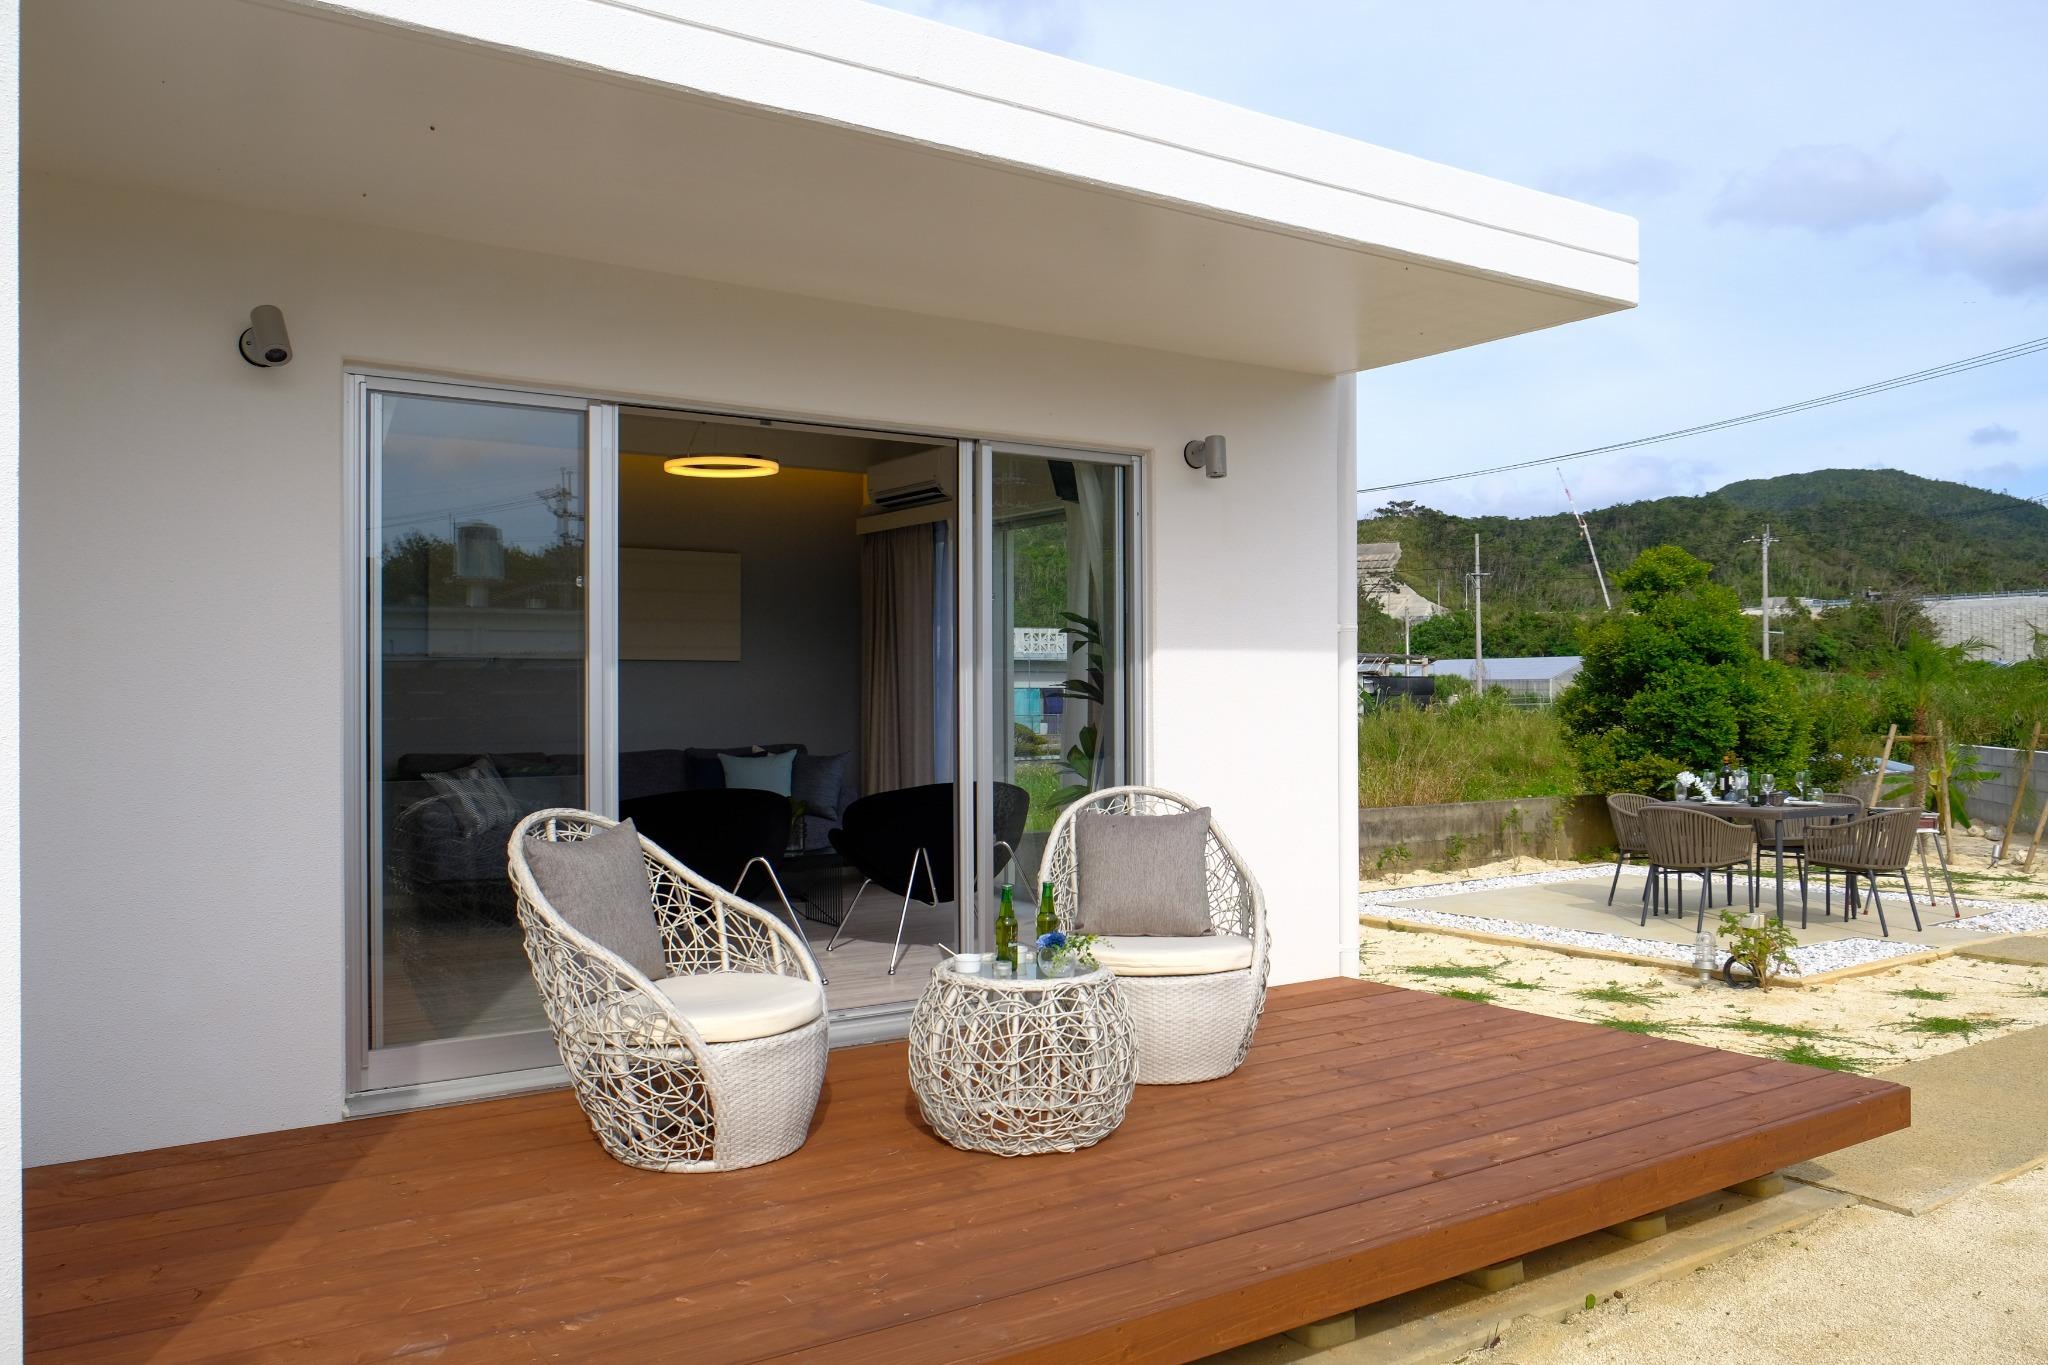 長期宿泊大歓迎!大海岸まで徒歩1分!庭付き一戸建でゆったりワーケーションを始めてみませんか?